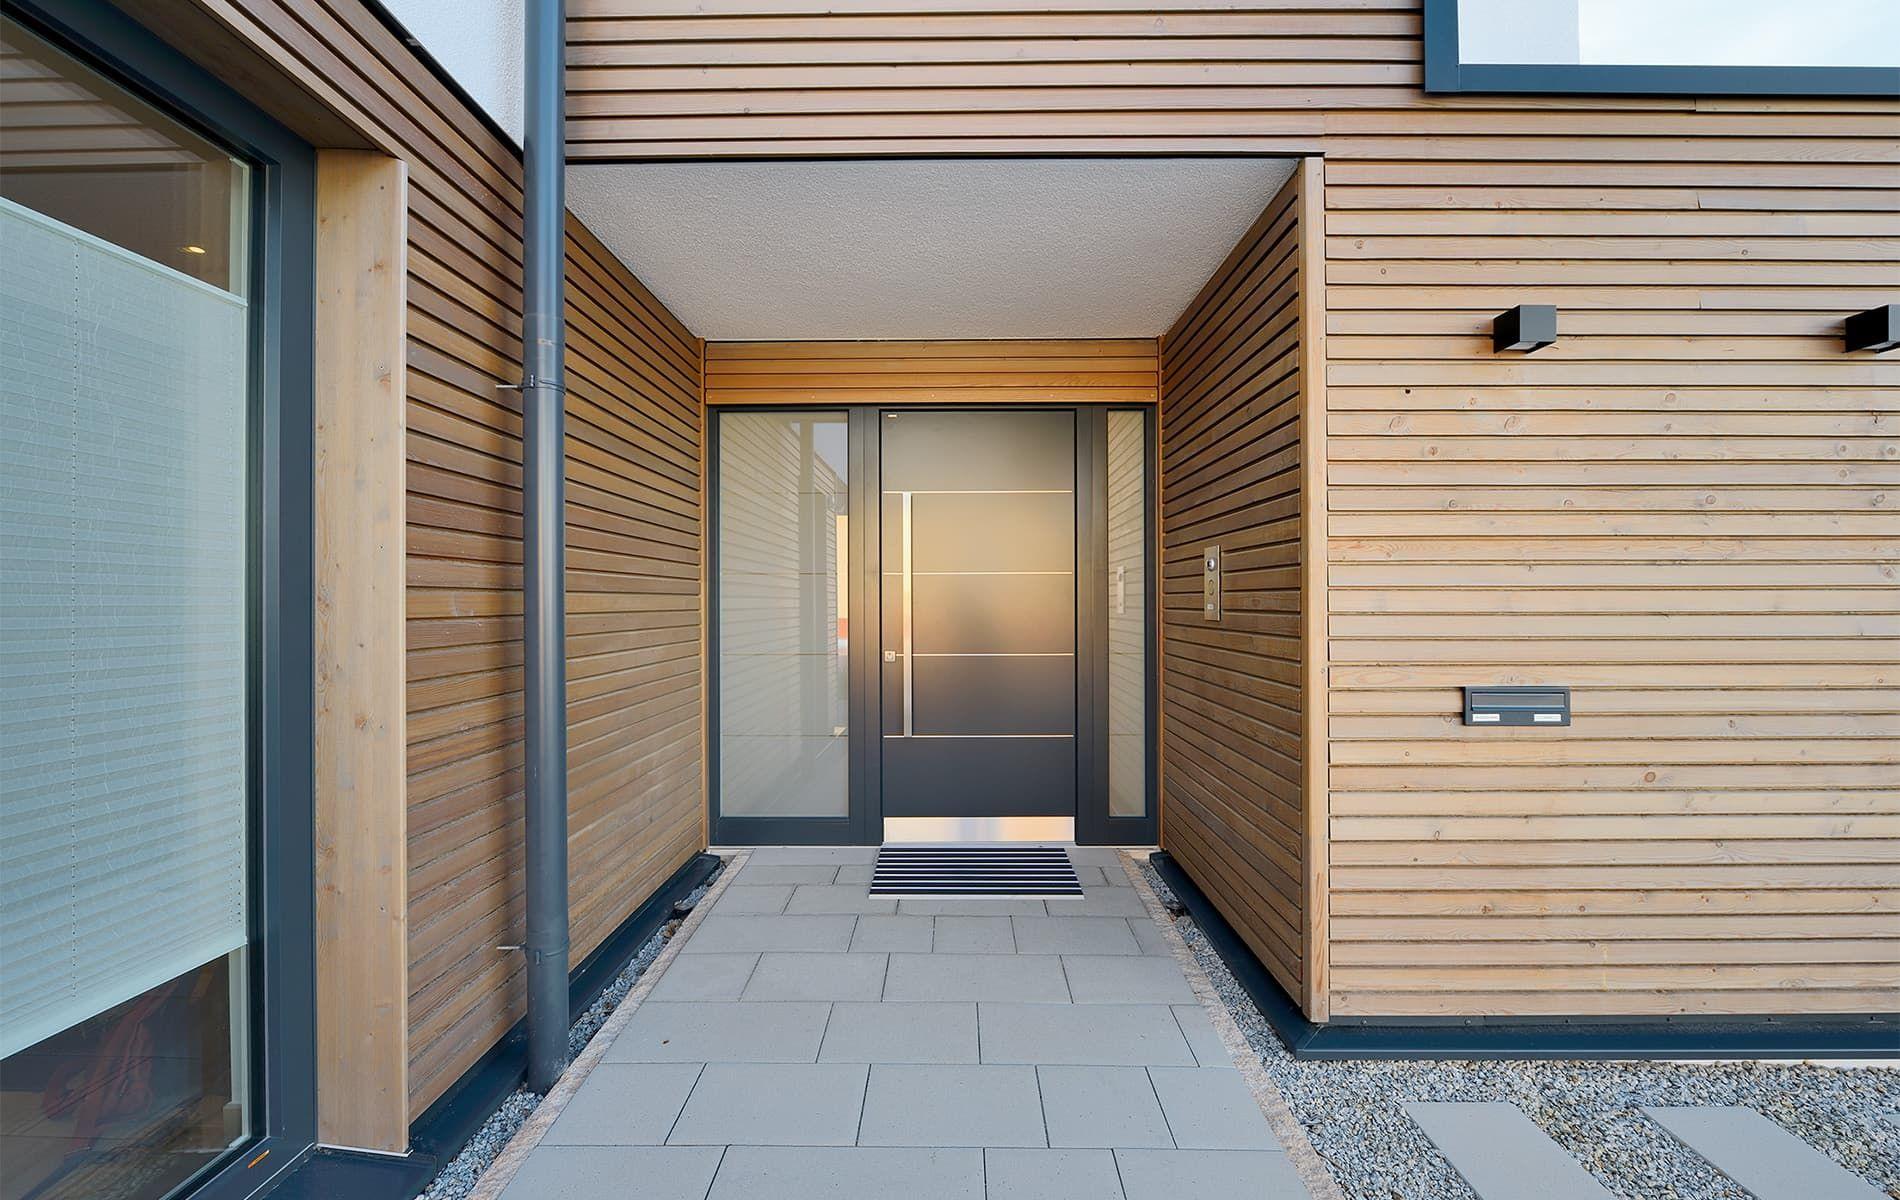 Dieses großzügige Haus läßt keine Wünsche offen harmonisch gestaltete Wohnräume Wellnessbereich mit Schwimmbad